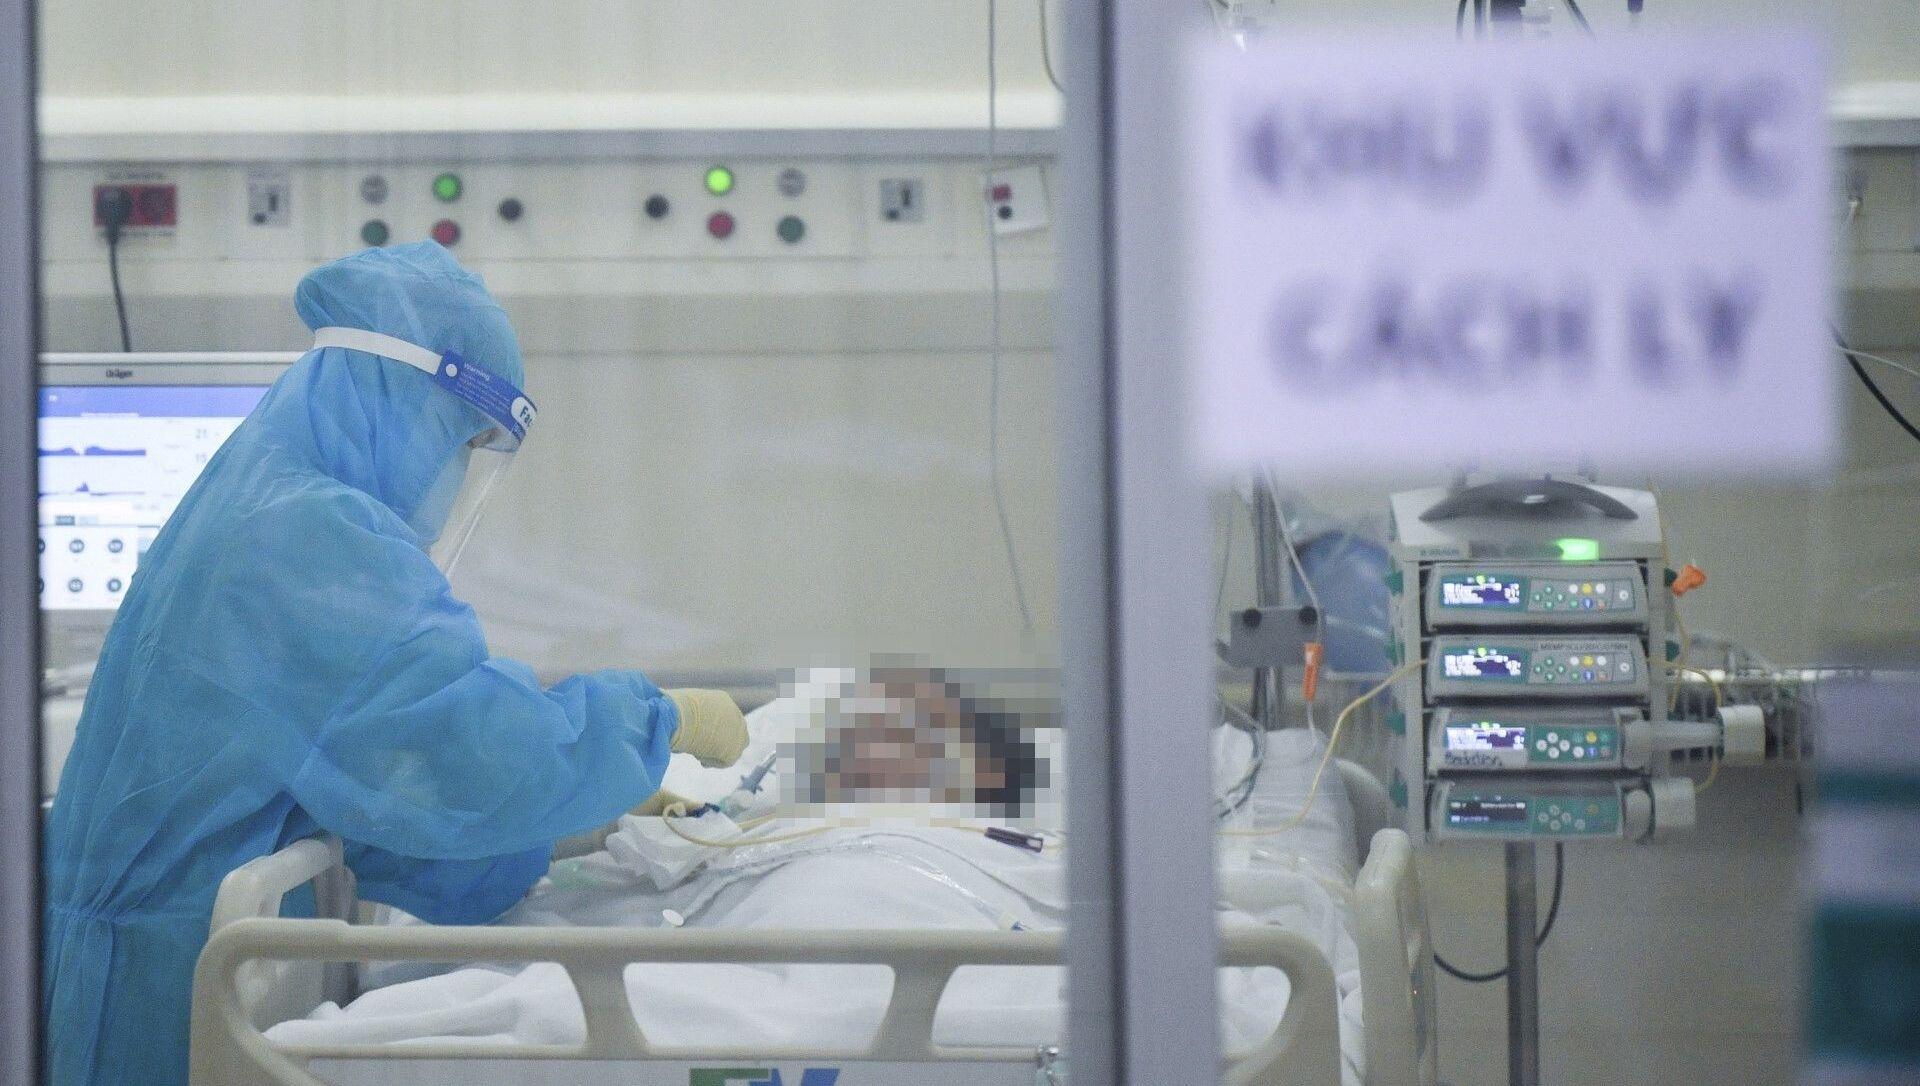 Hệ thống y tế tư nhân tại Thành phố Hồ Chí Minh tích cực tham gia điều trị bệnh nhân COVID-19 - Sputnik Việt Nam, 1920, 07.08.2021